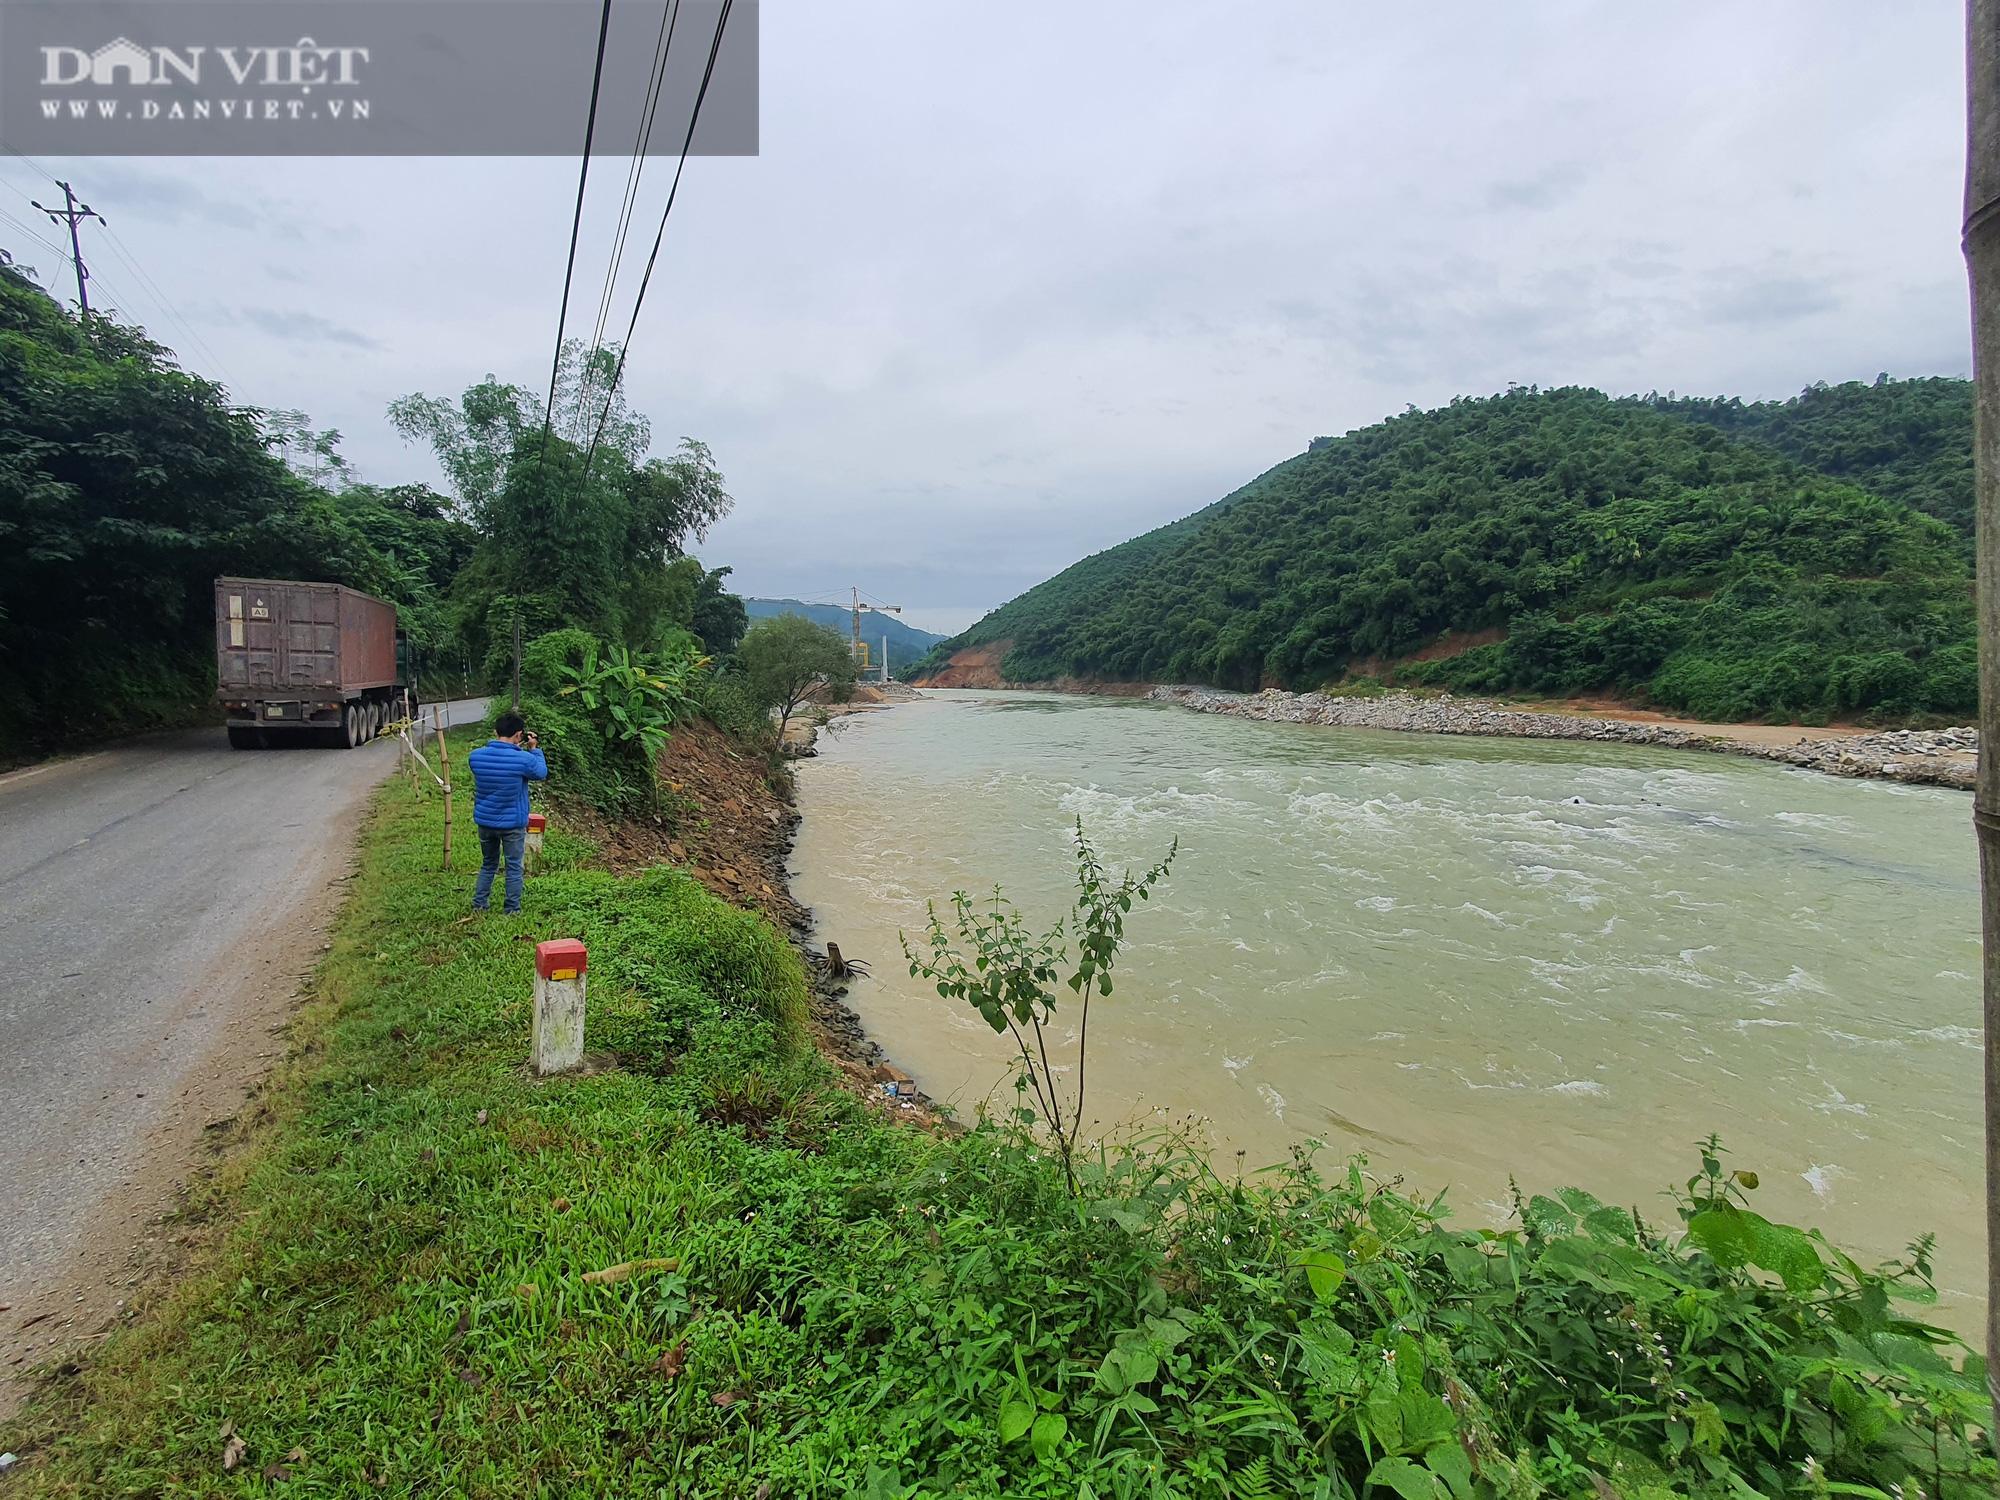 Thủy điện nhỏ tiềm ẩn hiểm họa lớn (Bài 3): Thủy điện gây sạt lở và ô nhiễm nguồn nước - Ảnh 1.